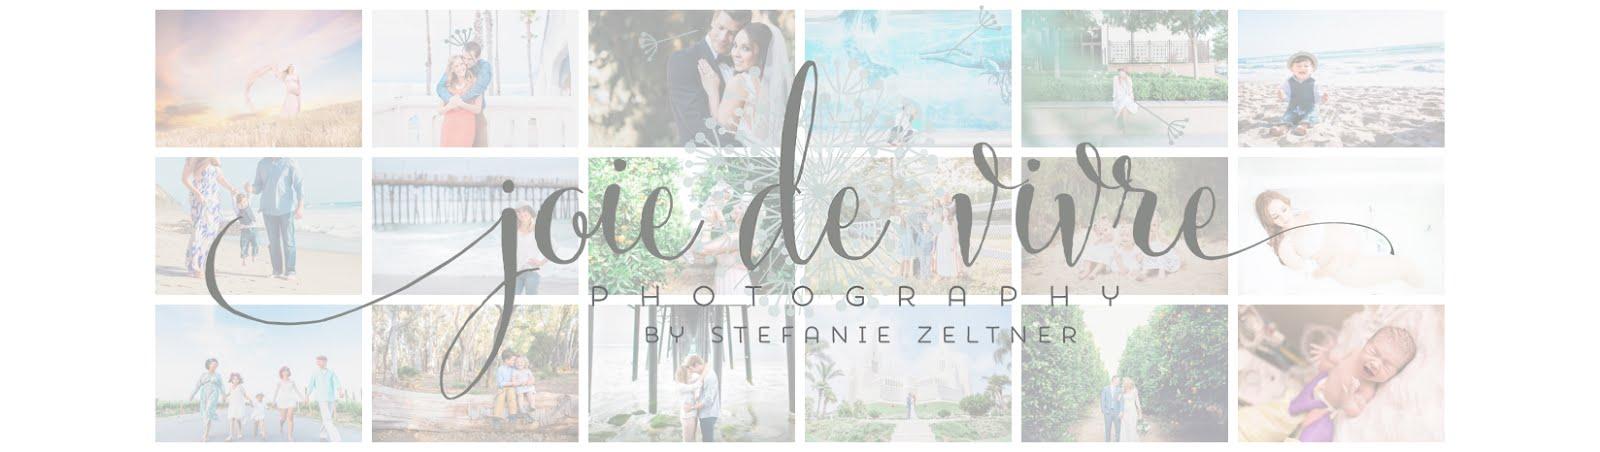 Joie de Vivre Photography blog